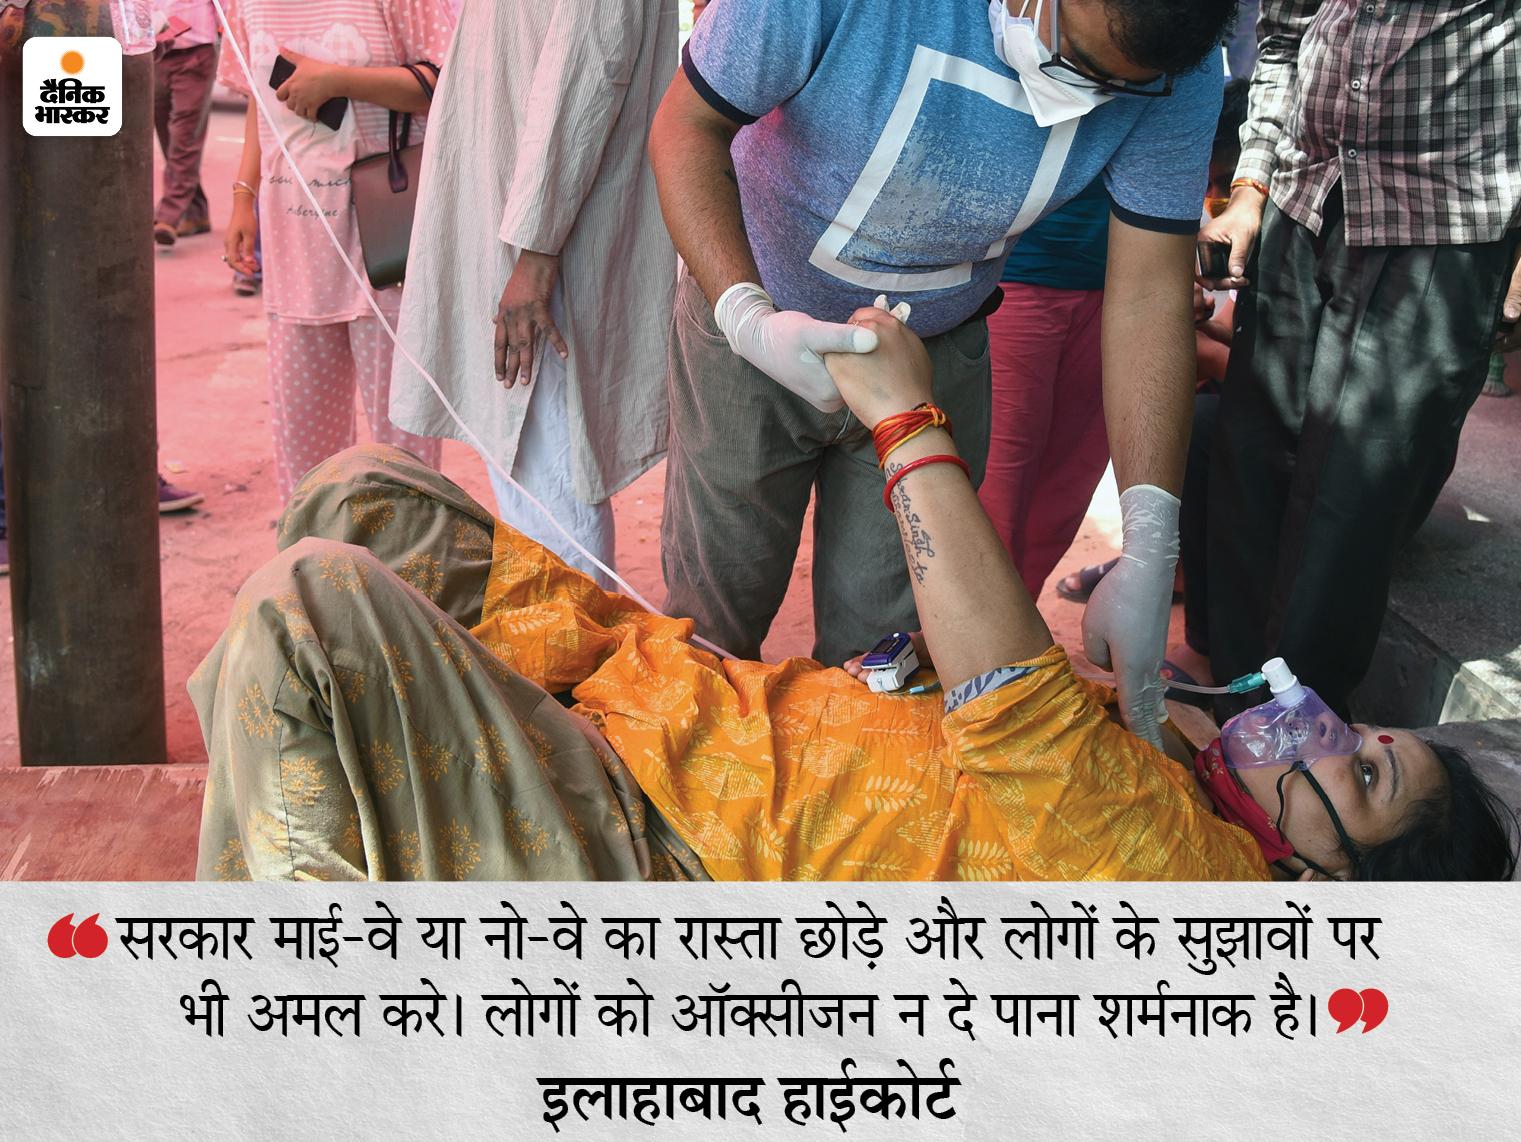 इलाहाबाद हाईकोर्ट ने कहा- कोरोना का भूत सड़कों पर मार्च कर रहा, लोगों की जिंदगी भाग्य भरोसे|लखनऊ,Lucknow - Dainik Bhaskar